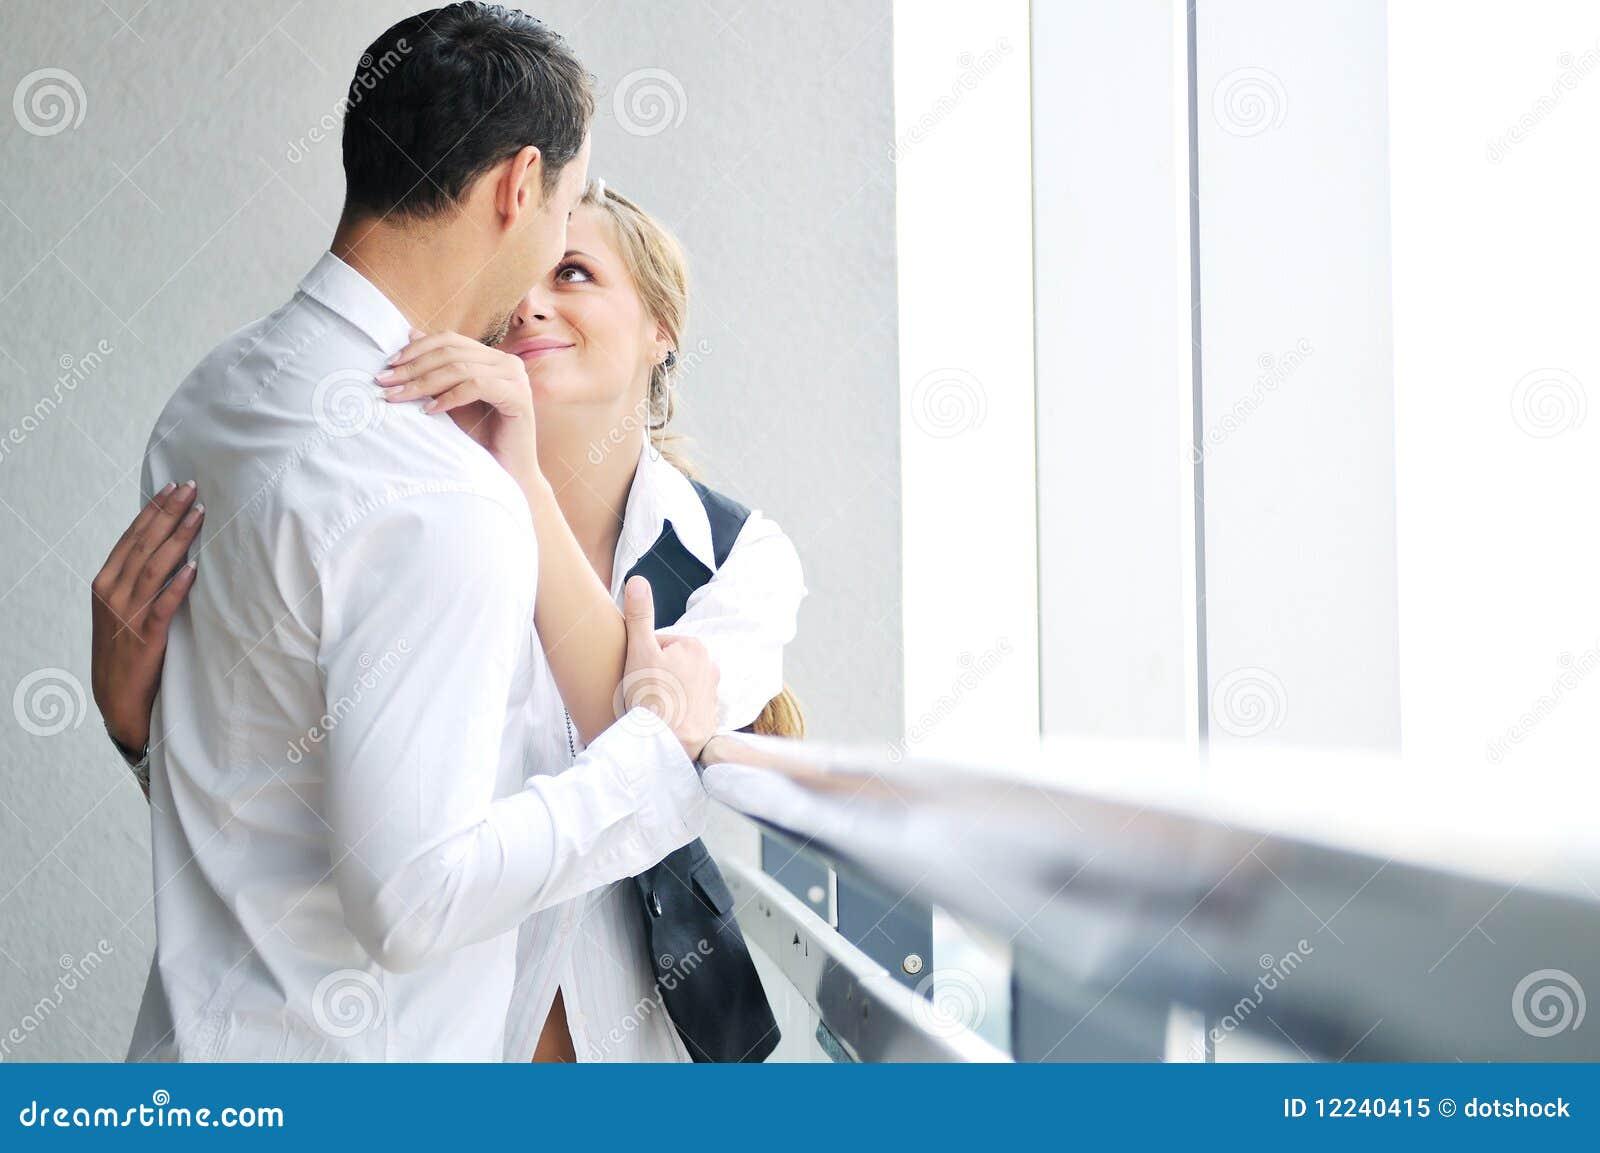 Romantic happpy couple on balcony stock image - image: 10977.